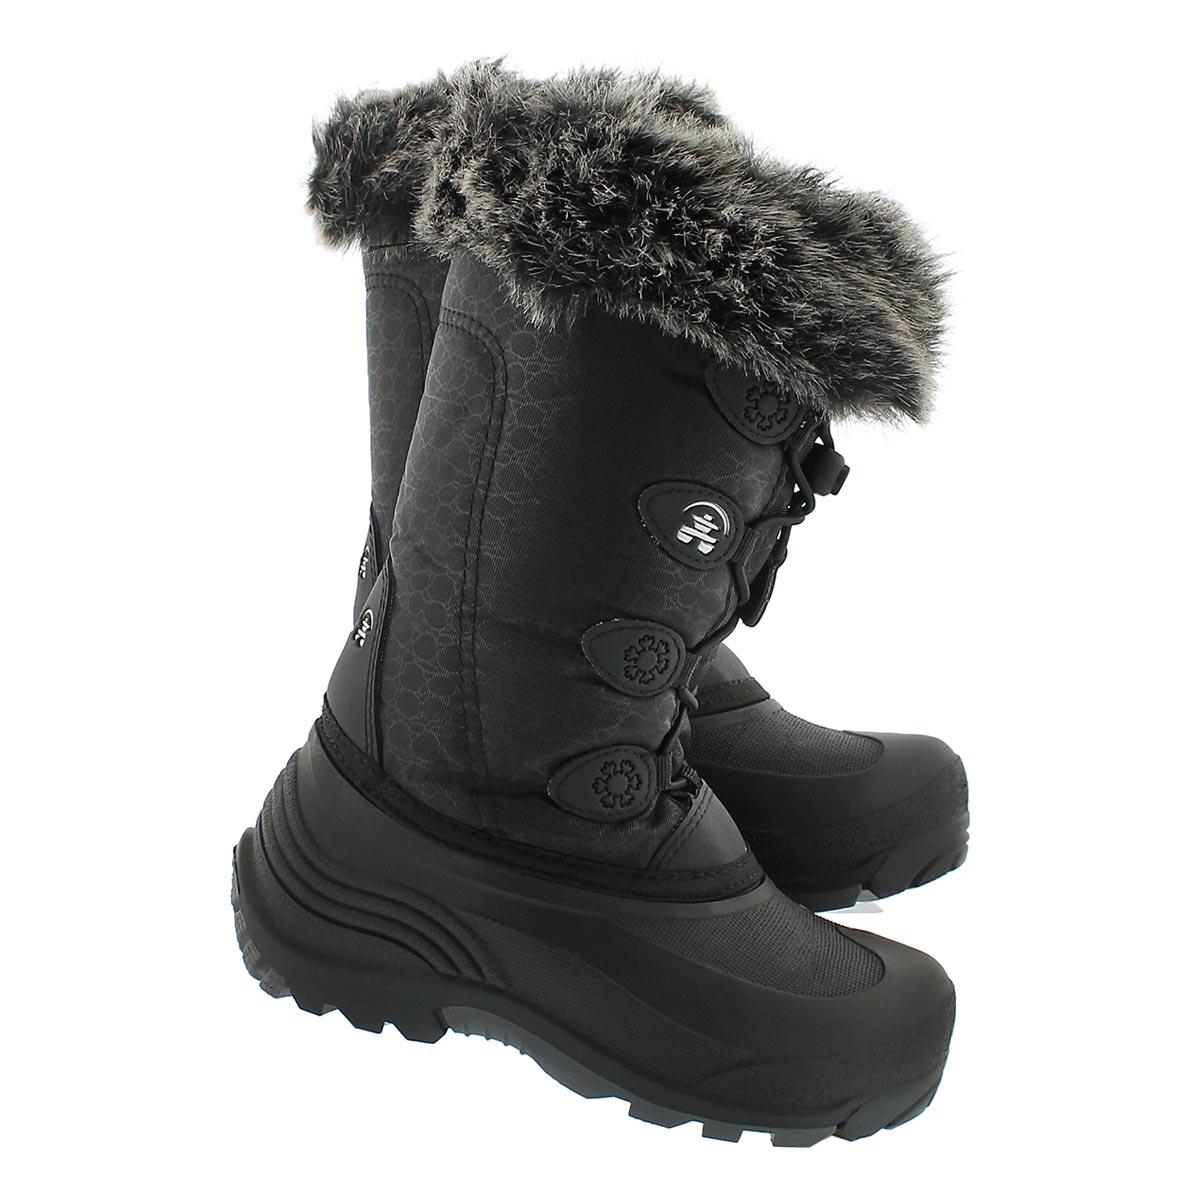 Botte d'hiver SNOWGYPSY, noir, filles